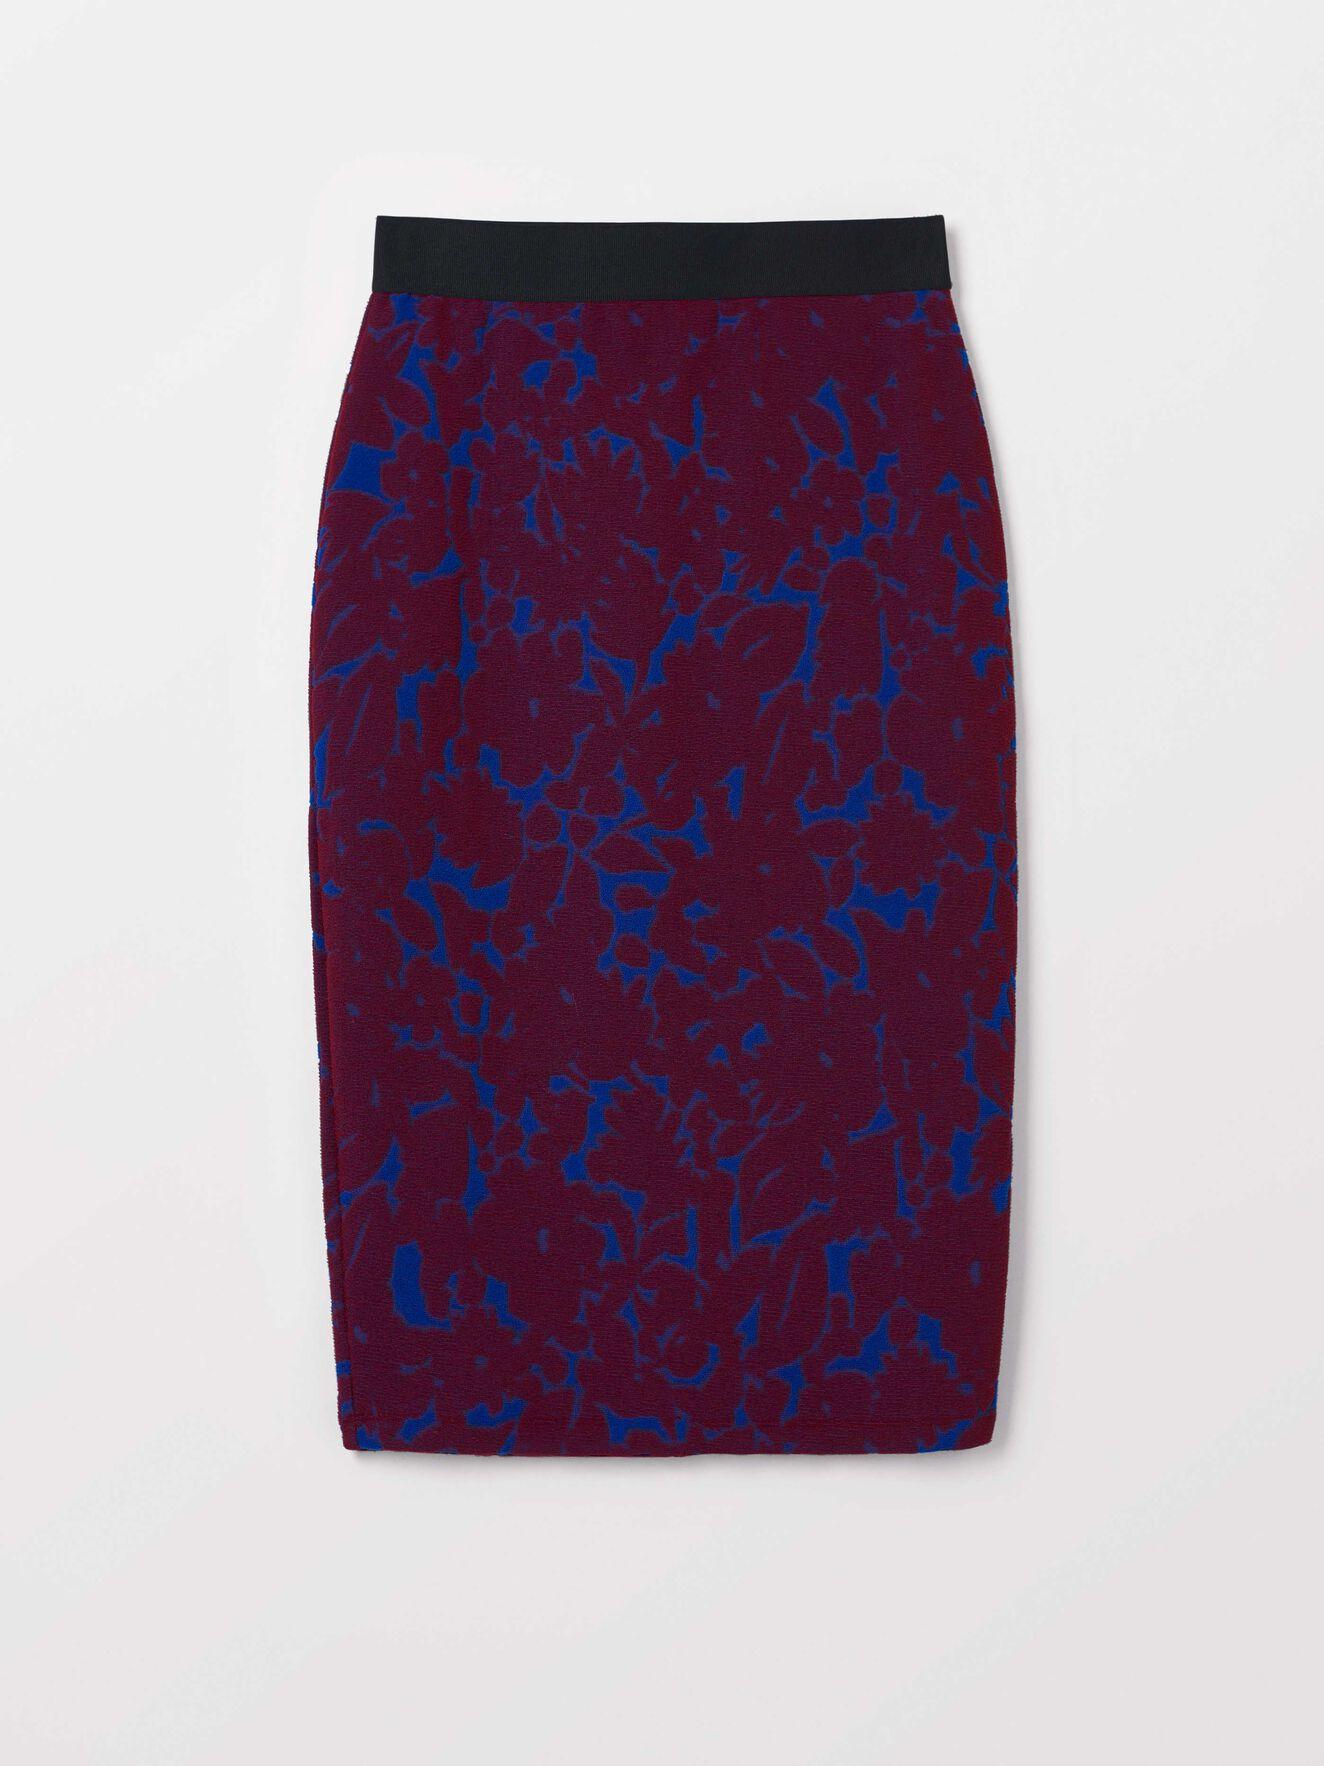 Jacelyn P Skirt in ARTWORK from Tiger of Sweden